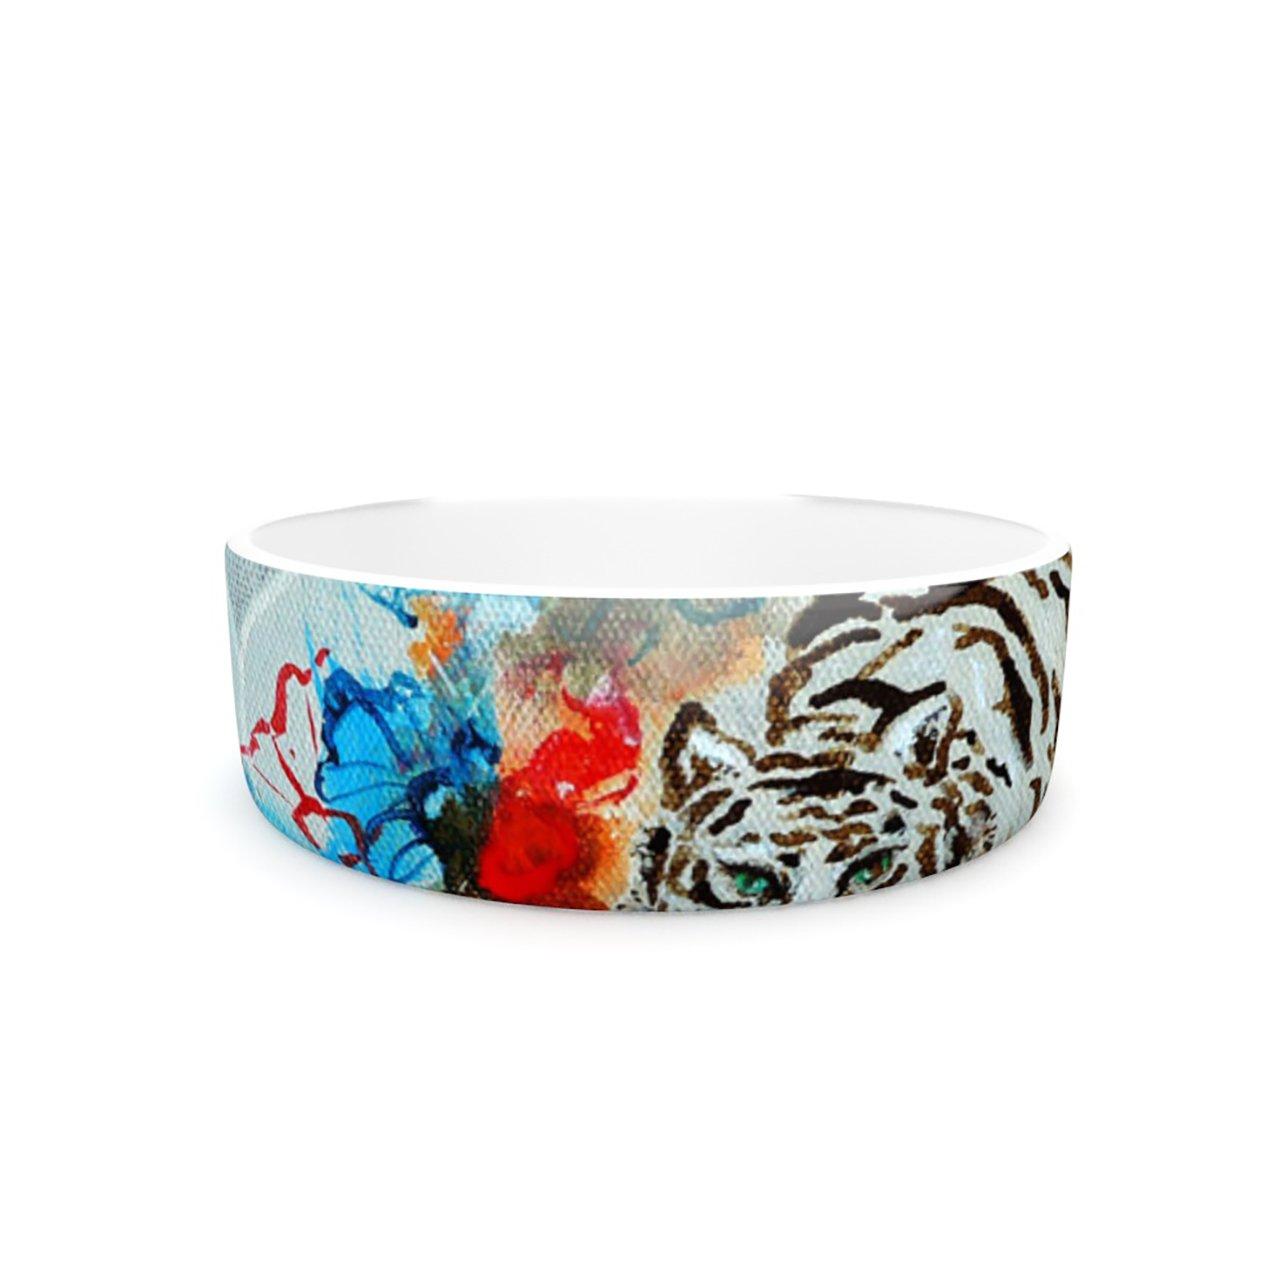 Kess InHouse Sonal Nathwani Tiger  Pet Bowl, 7-Inch